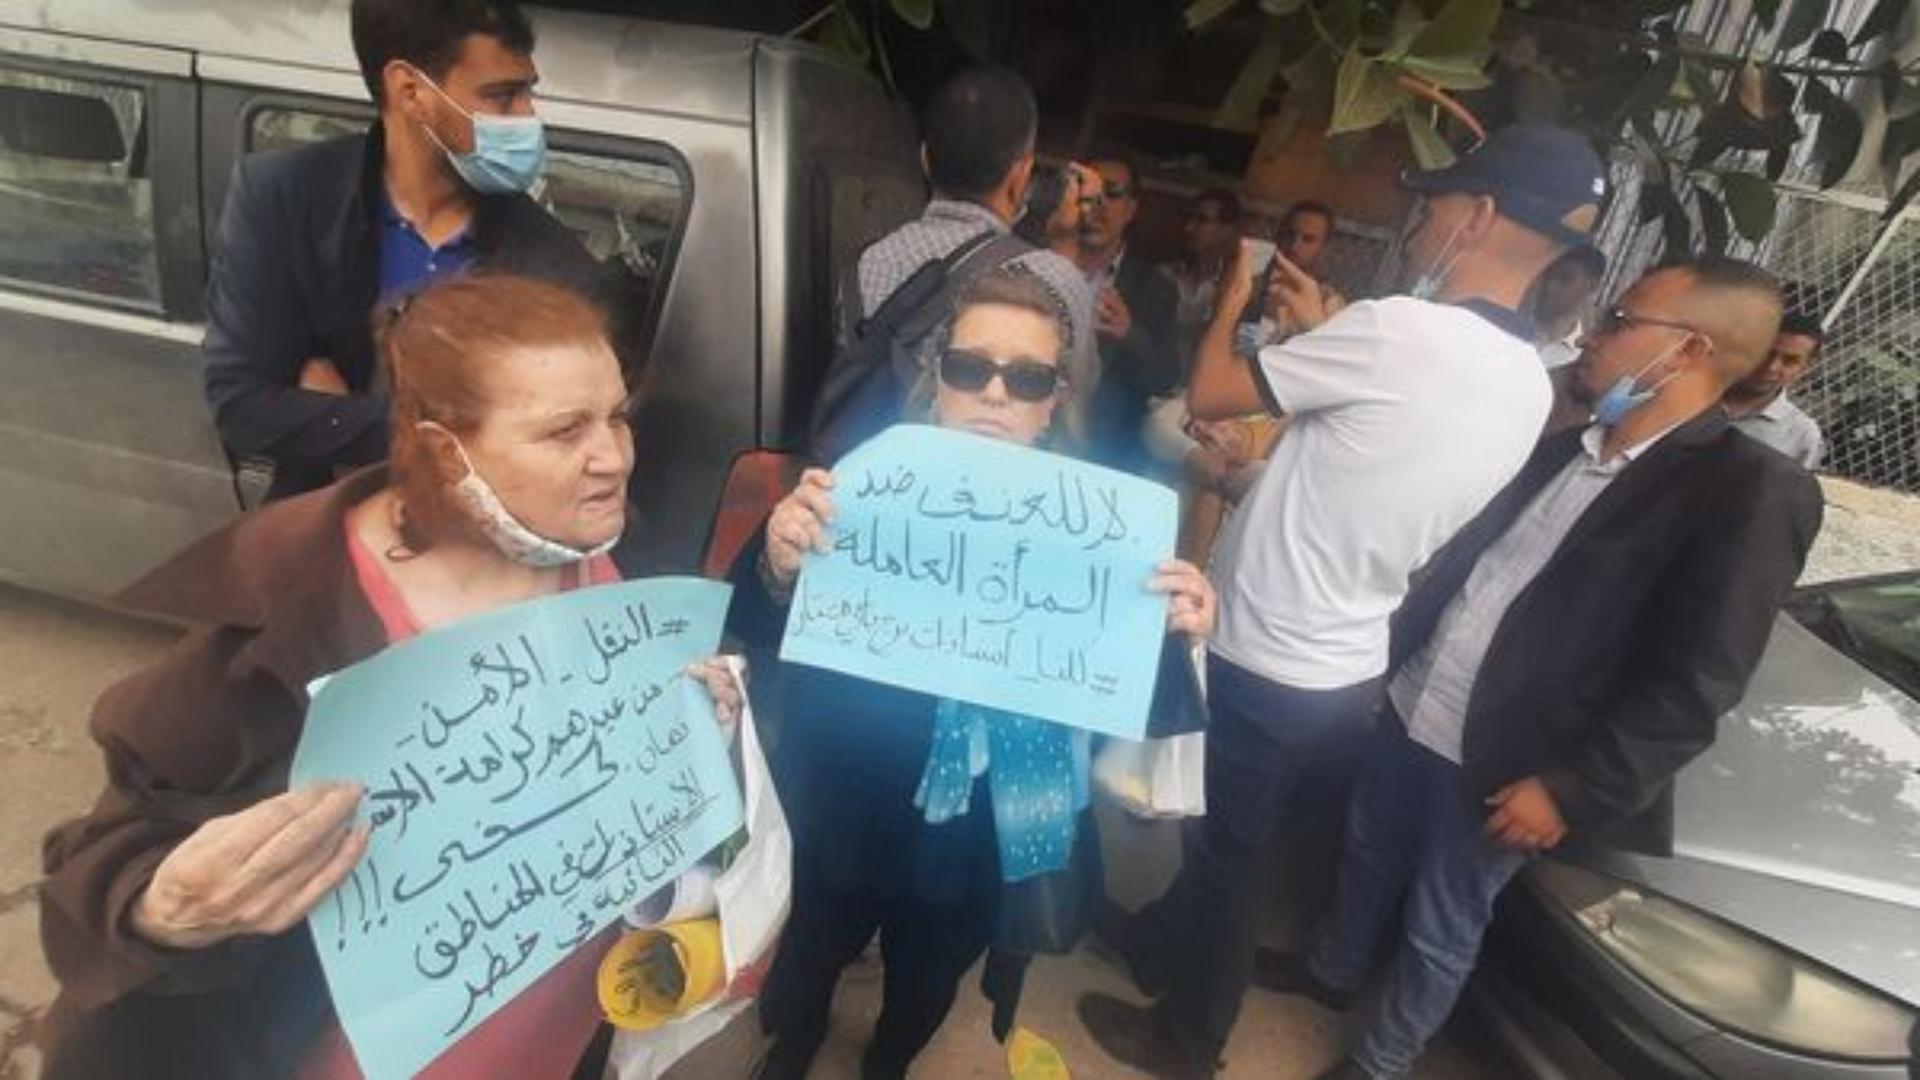 Alger:un rassemblement en soutien aux institutrices agressées à Bordj Badji Mokhtar empêché par la police